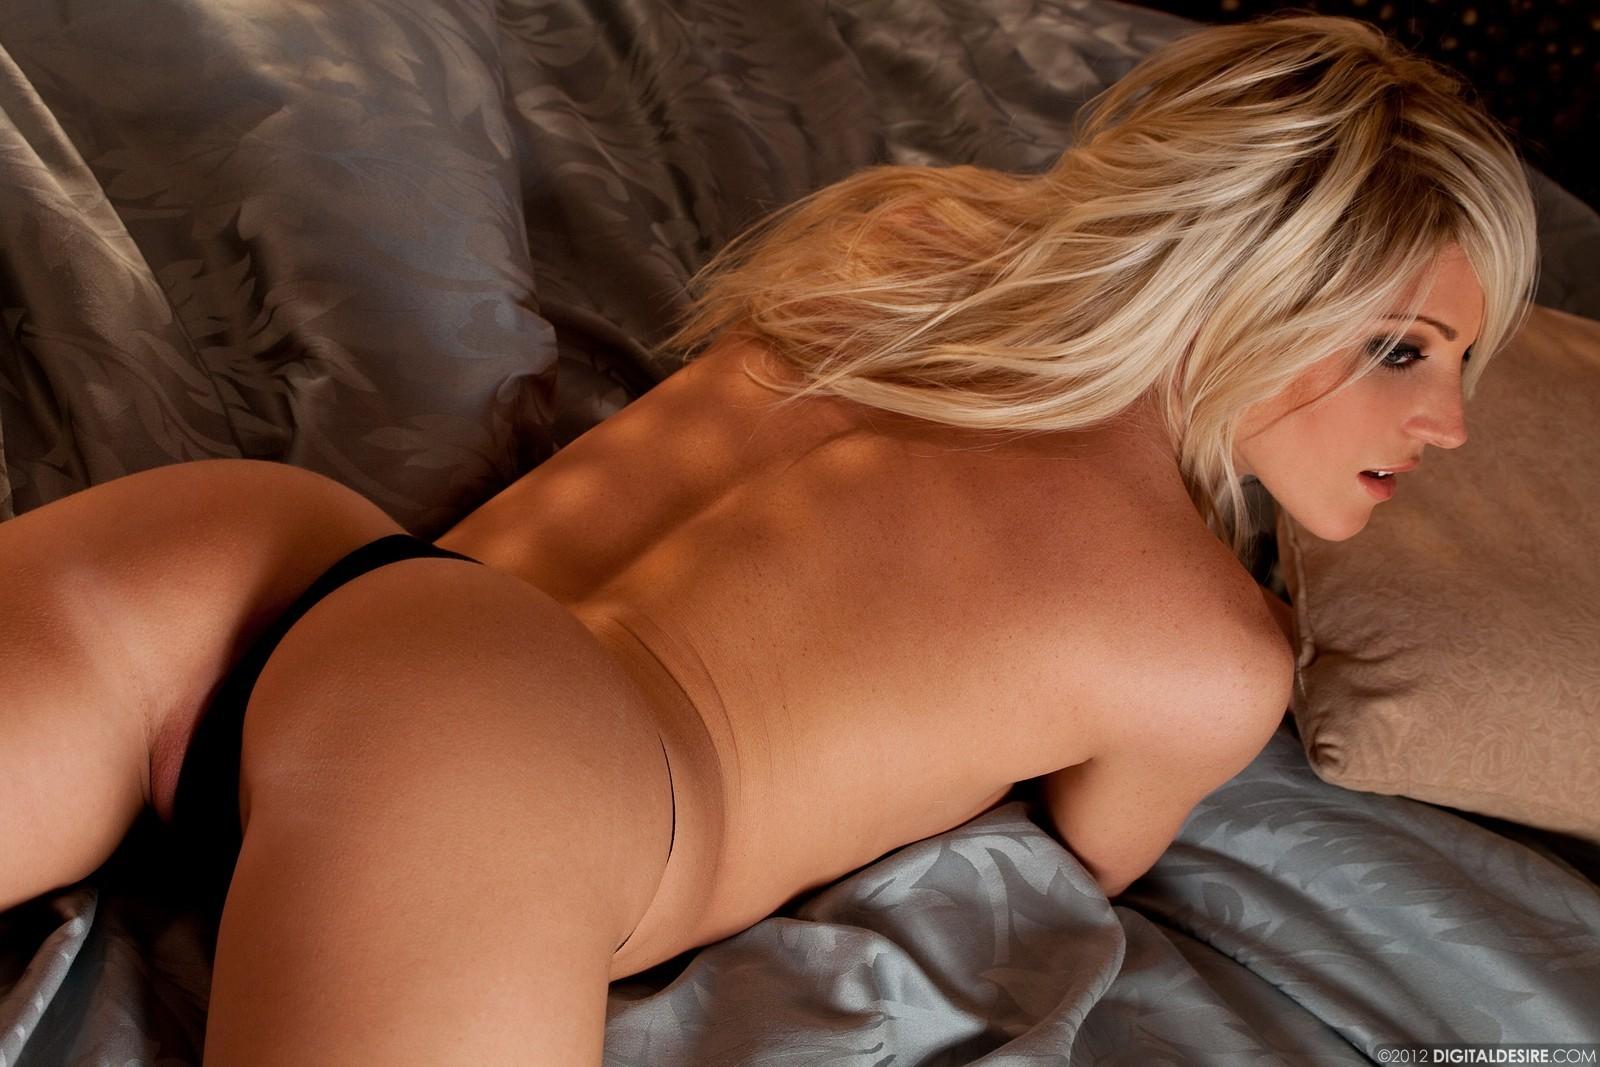 Nude latina self shot